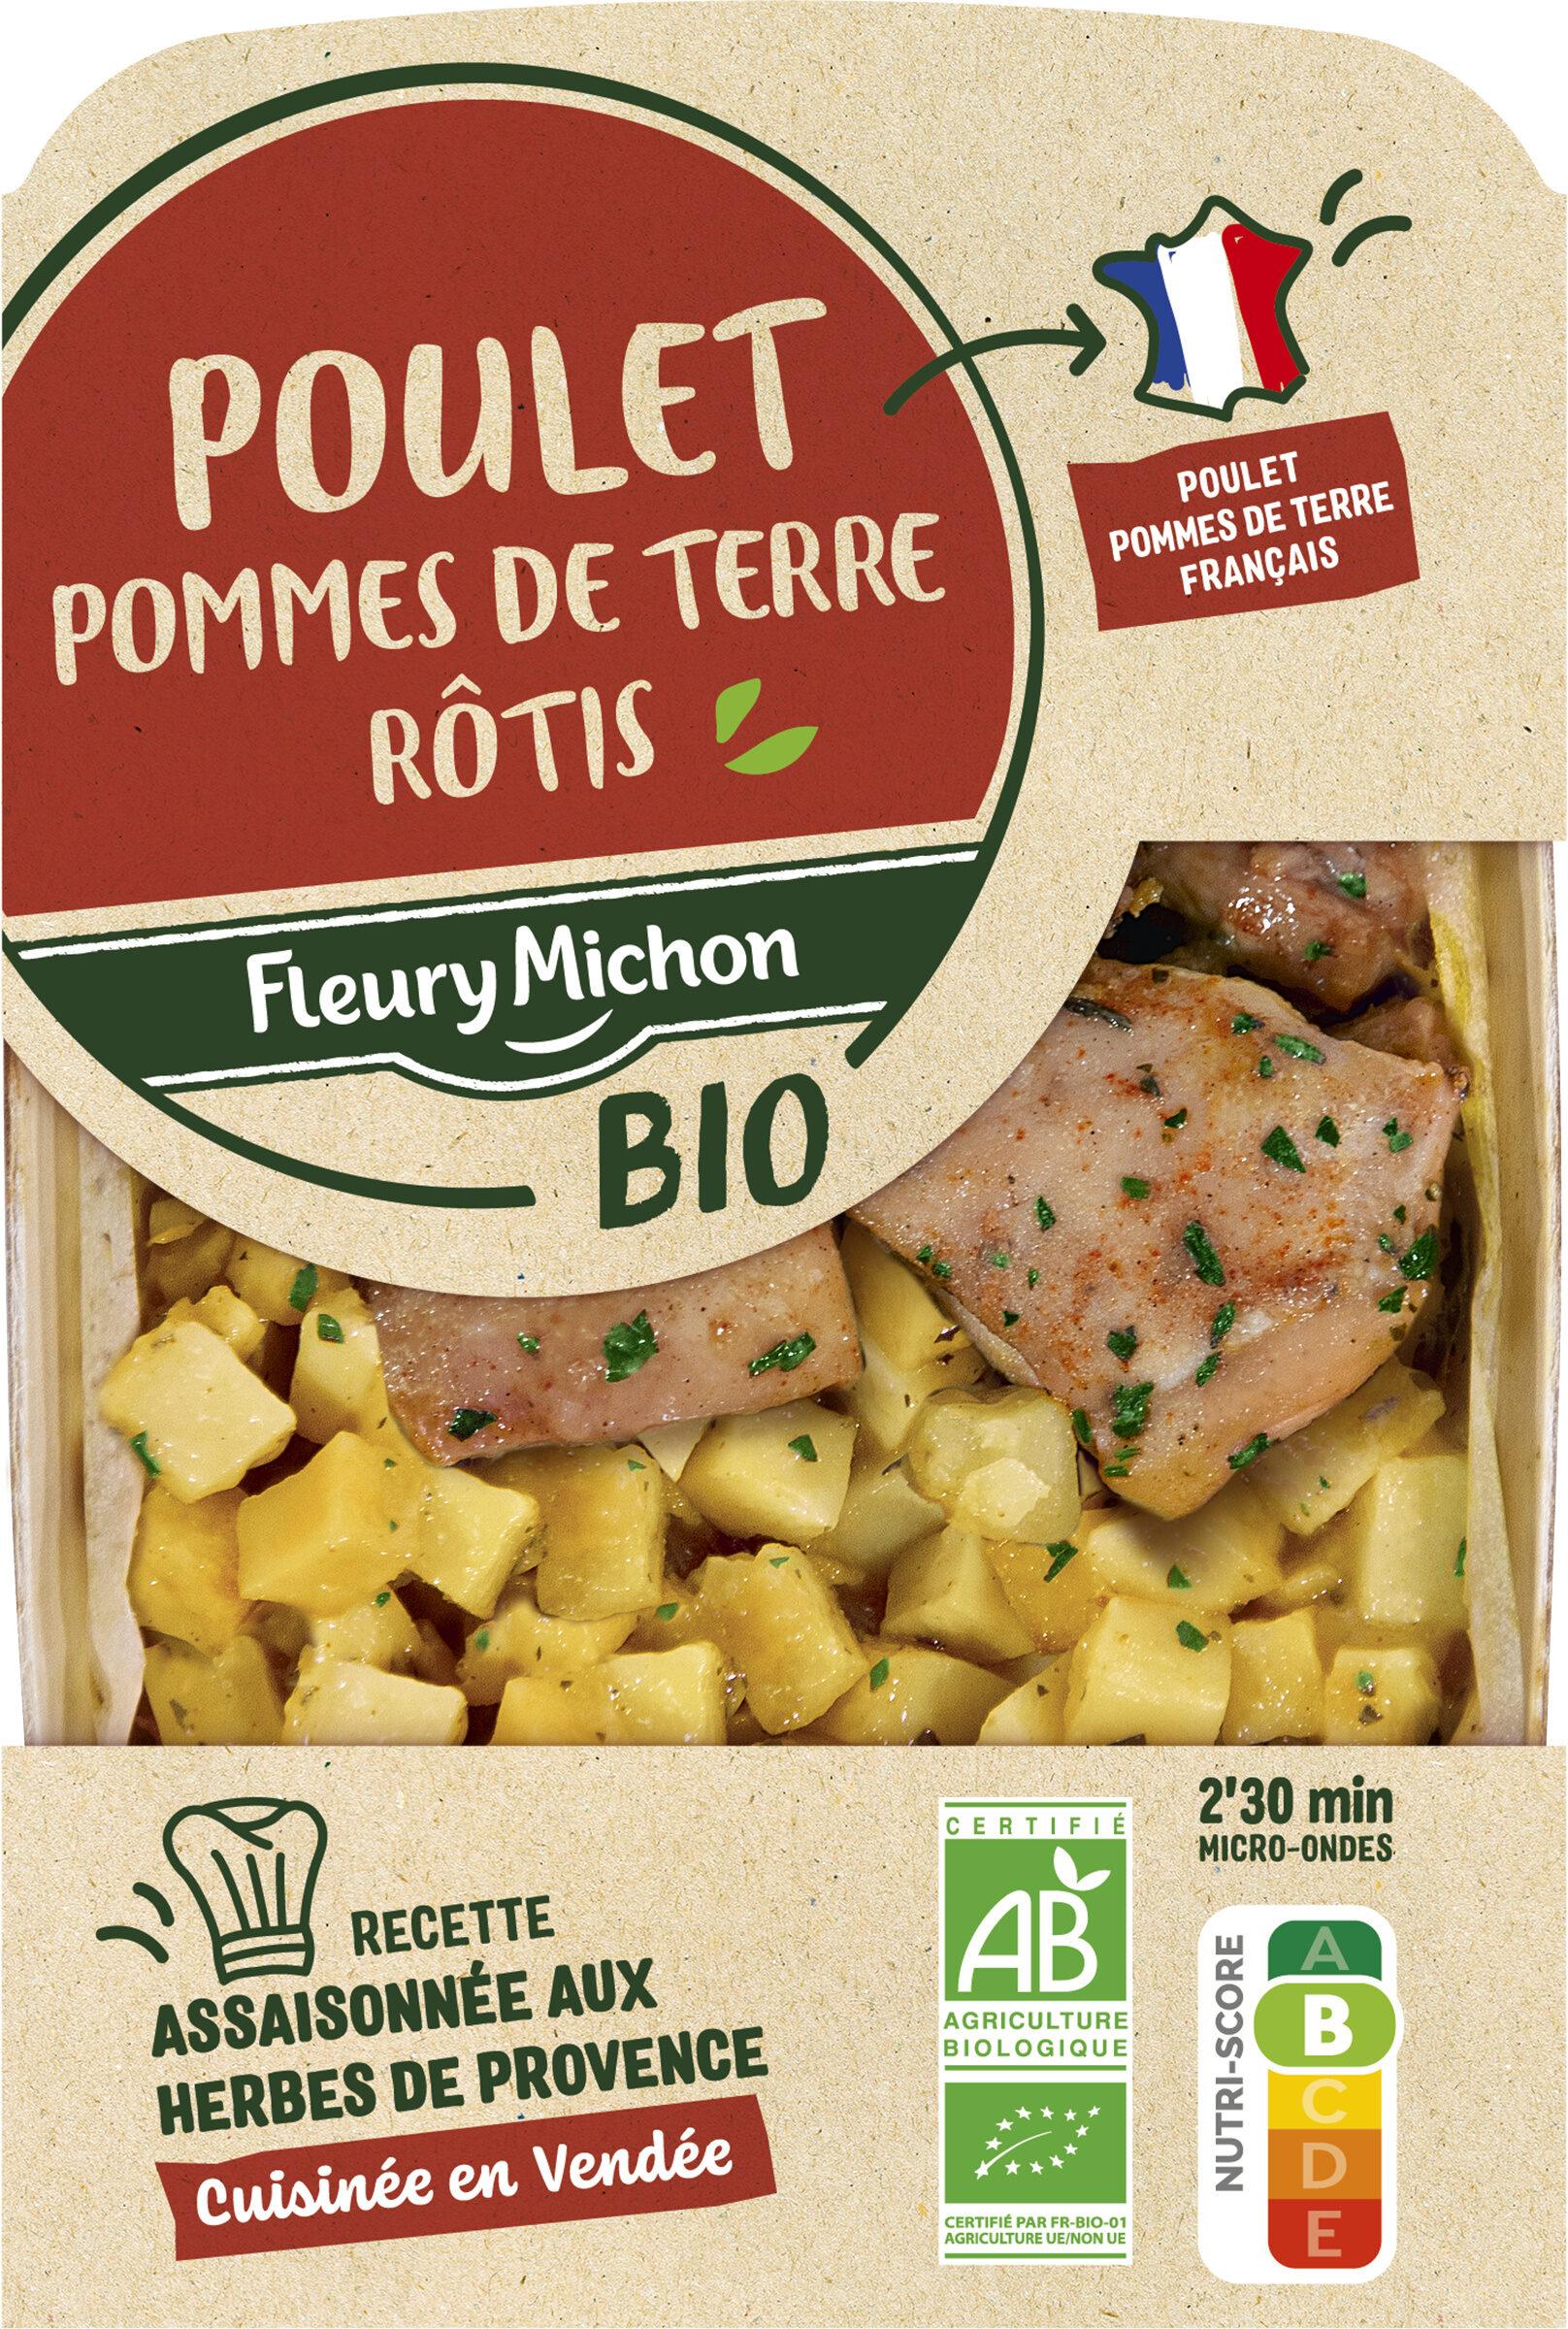 Poulet pommes de terre Rôtis - Prodotto - fr